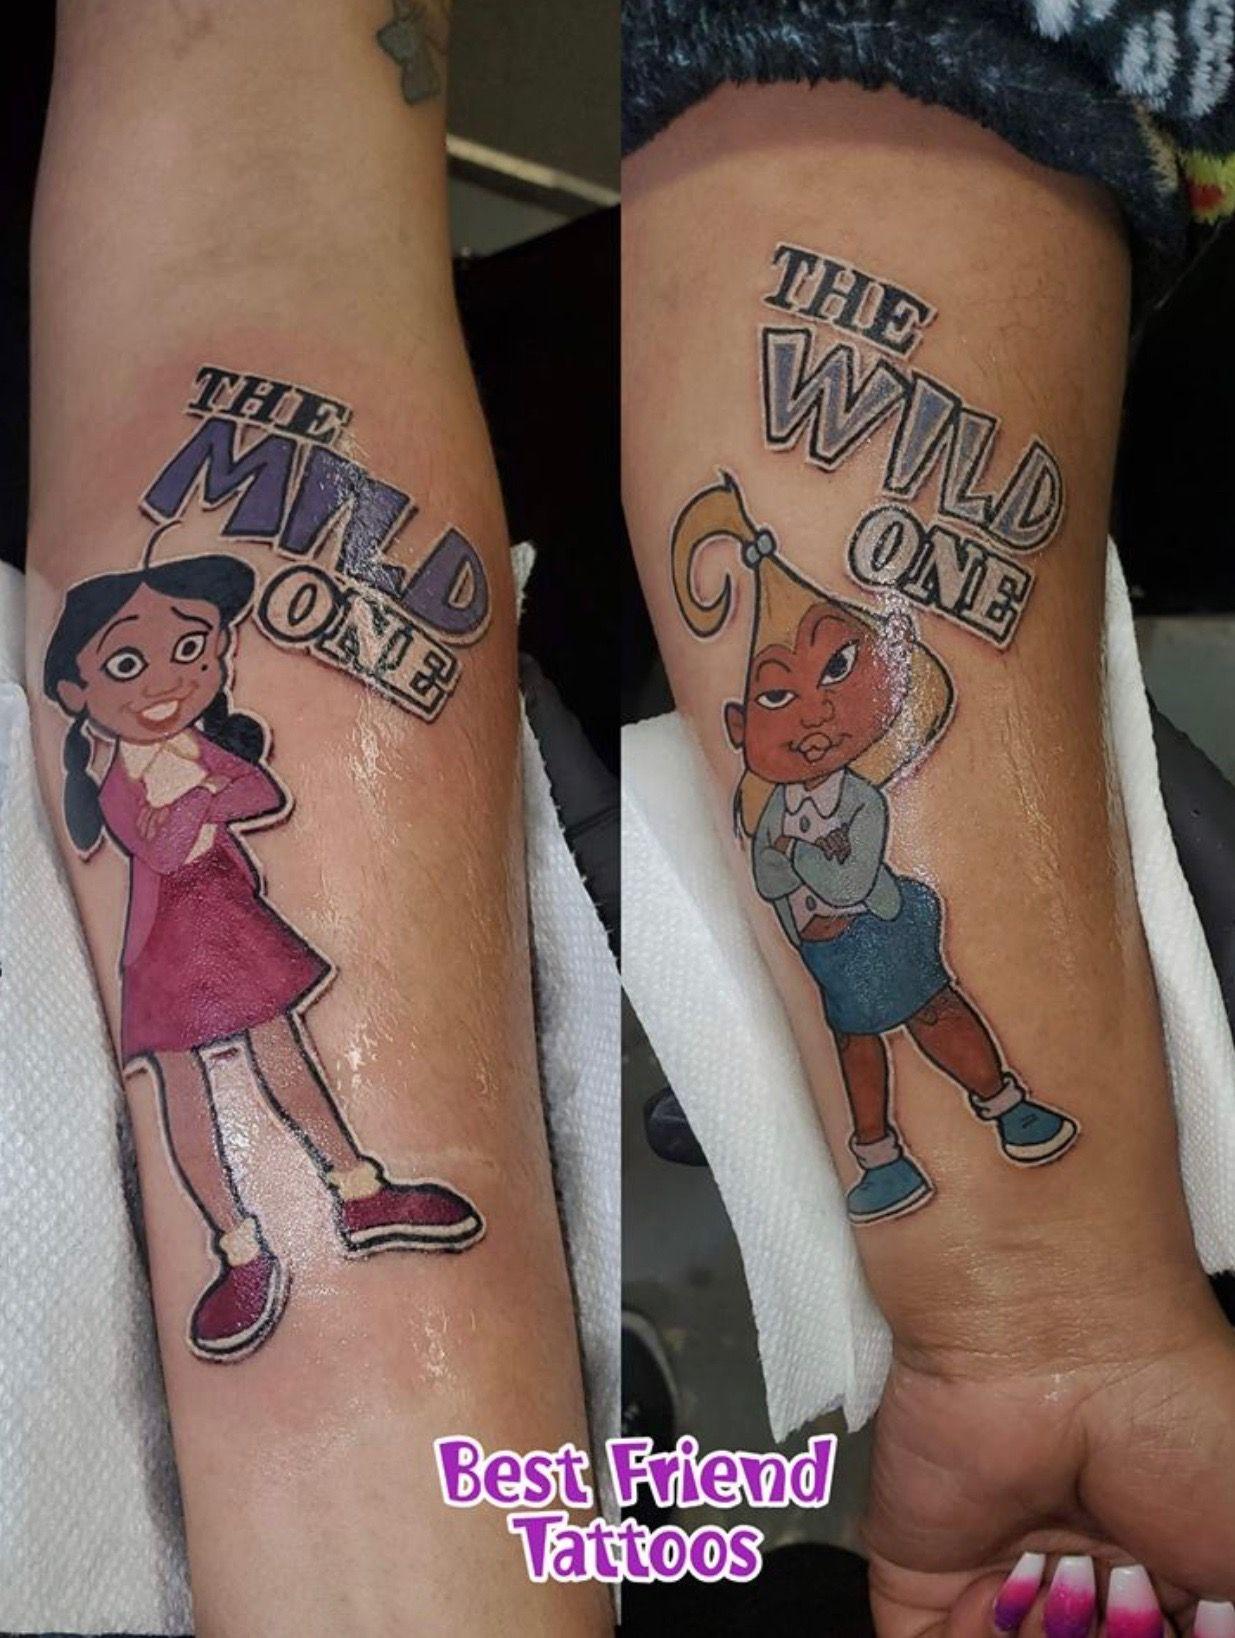 Pin By Kiersten On Tattoos Bestie Tattoo Friend Tattoos Tattoos